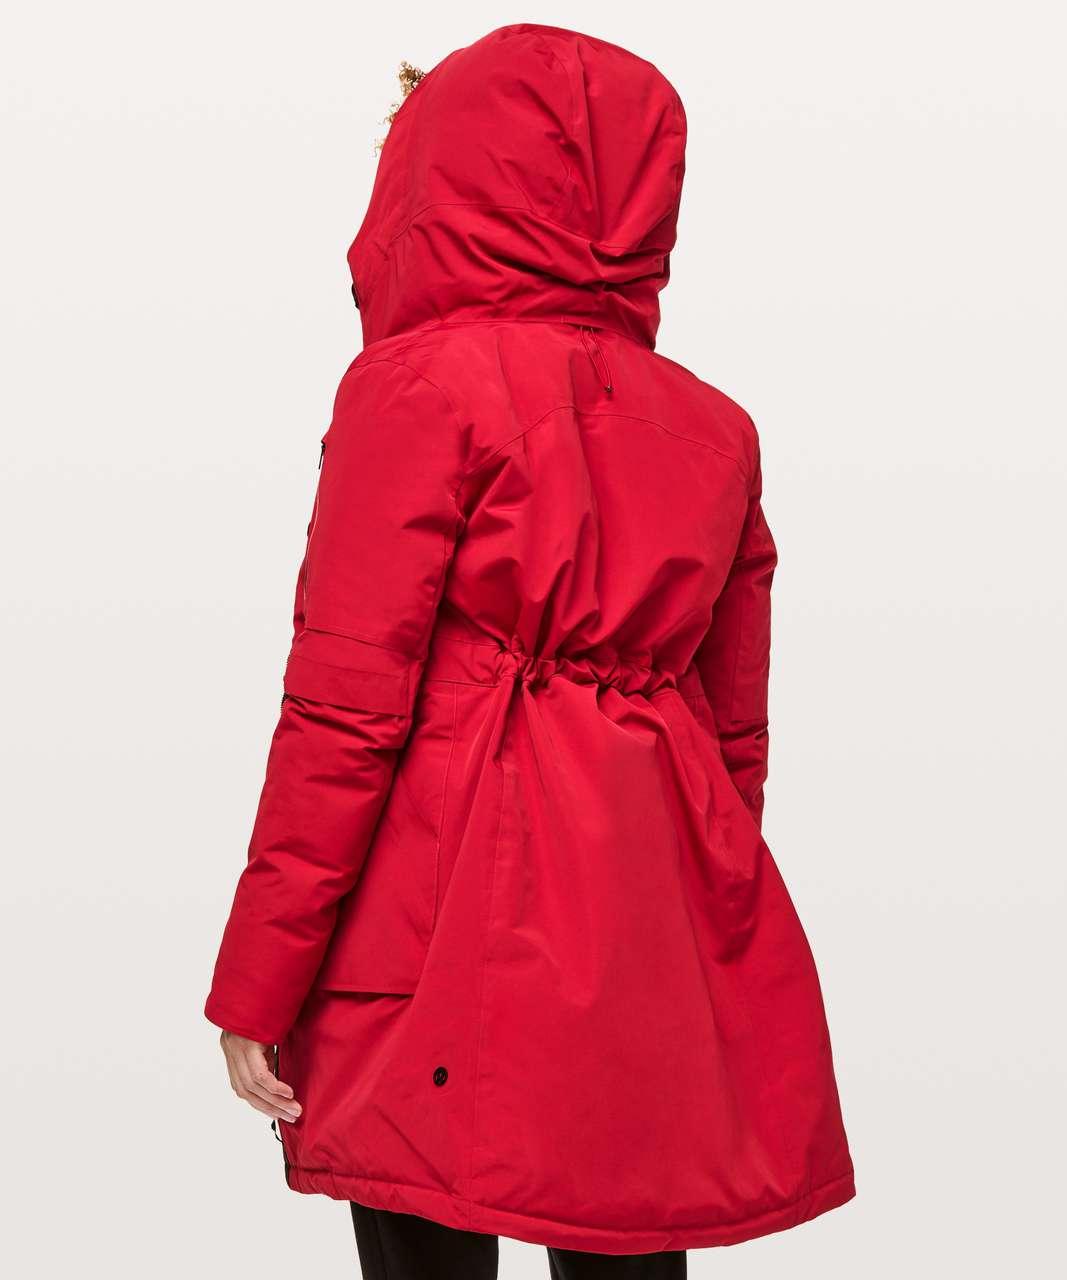 Lululemon Winter Warrior Parka - Dark Red